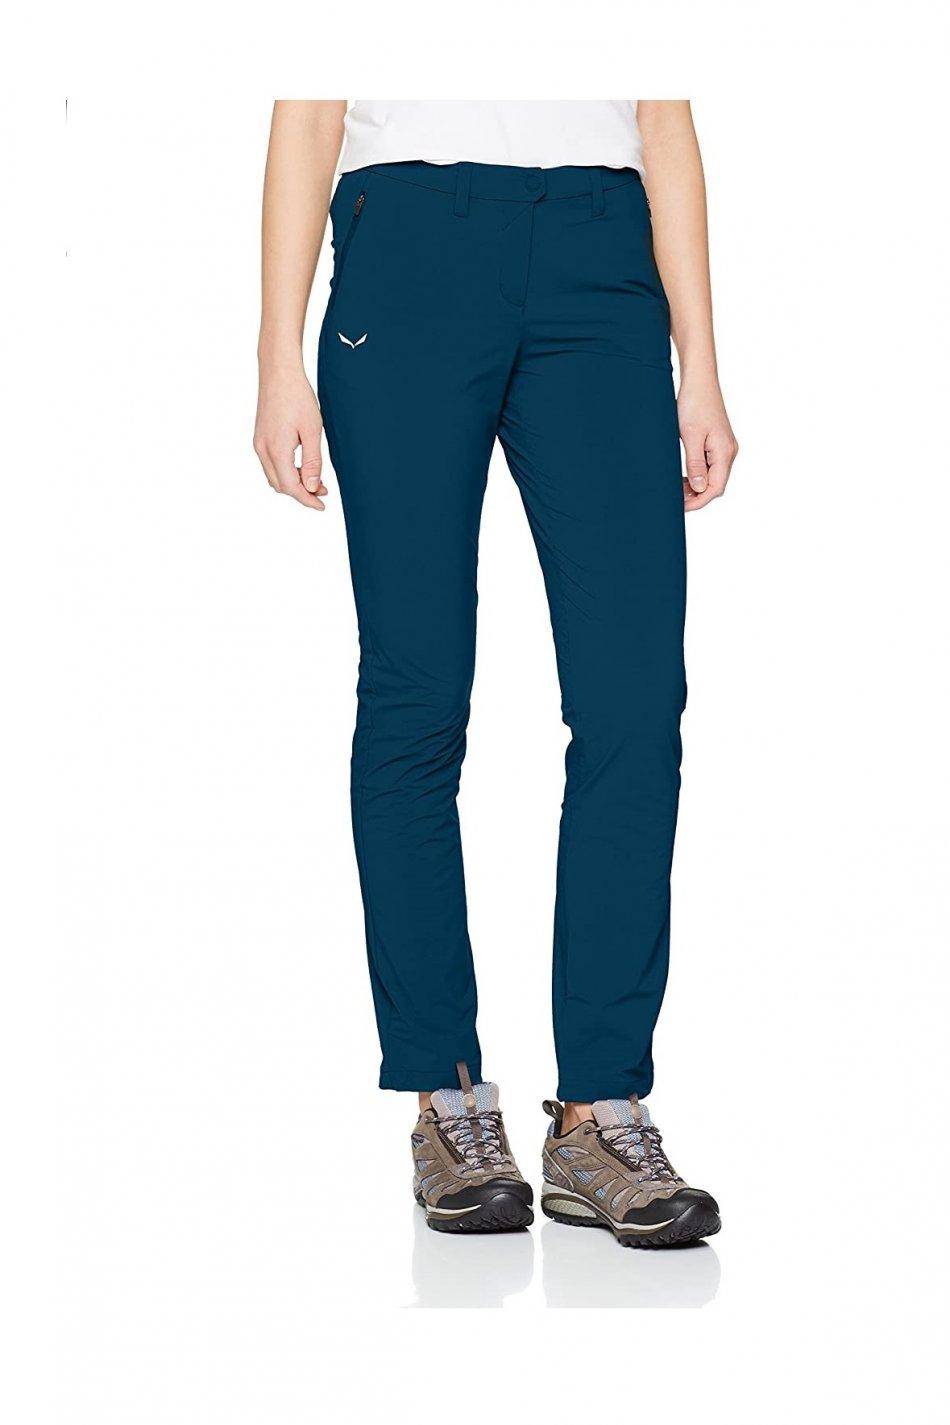 Pantaloni dama, Salewa, Albastru, 50 EU